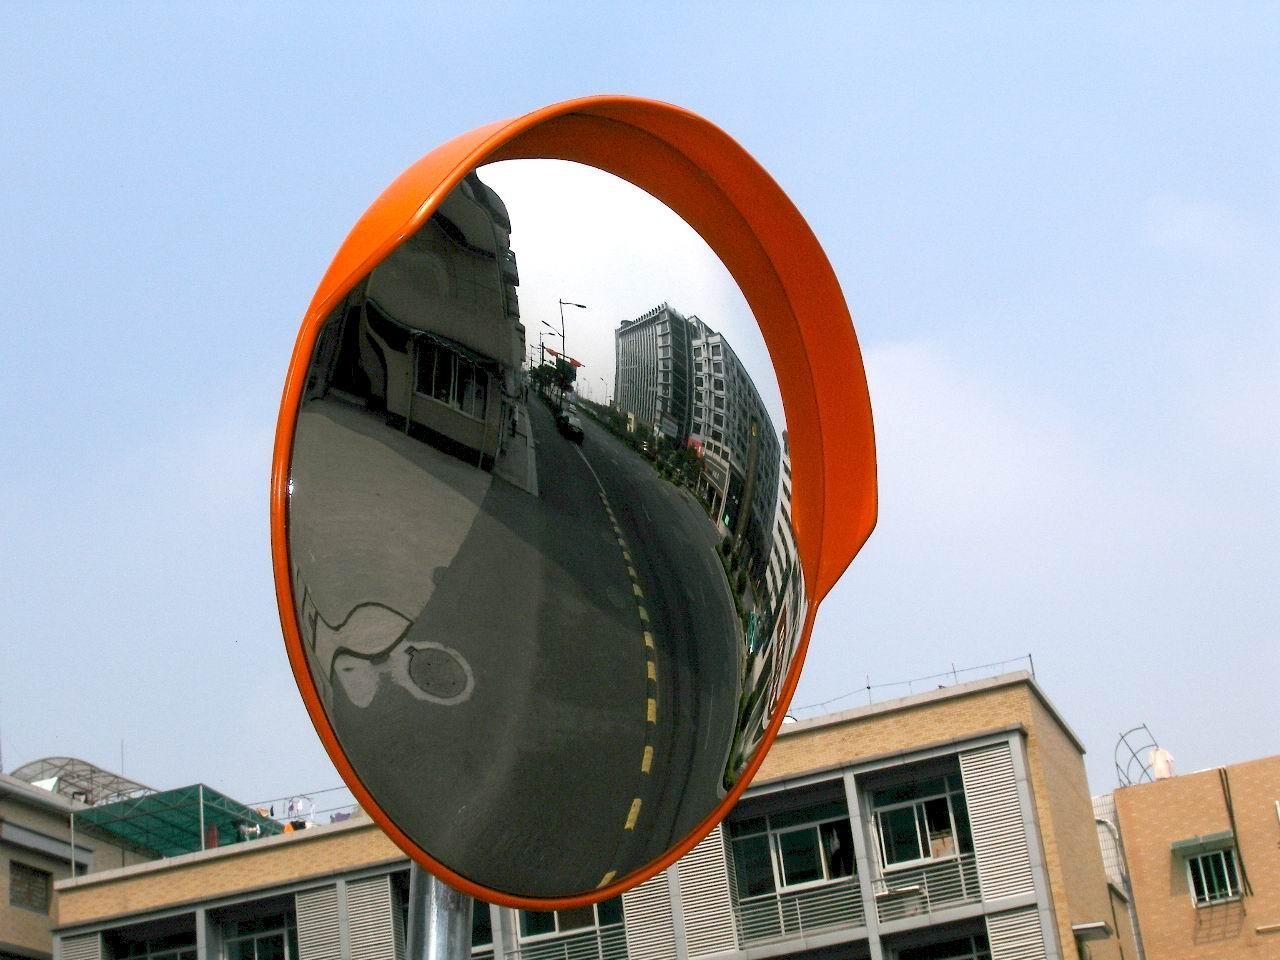 凸面鏡,廣角鏡,廣州凸面鏡,佛山廣角鏡各類球面鏡資料,價格